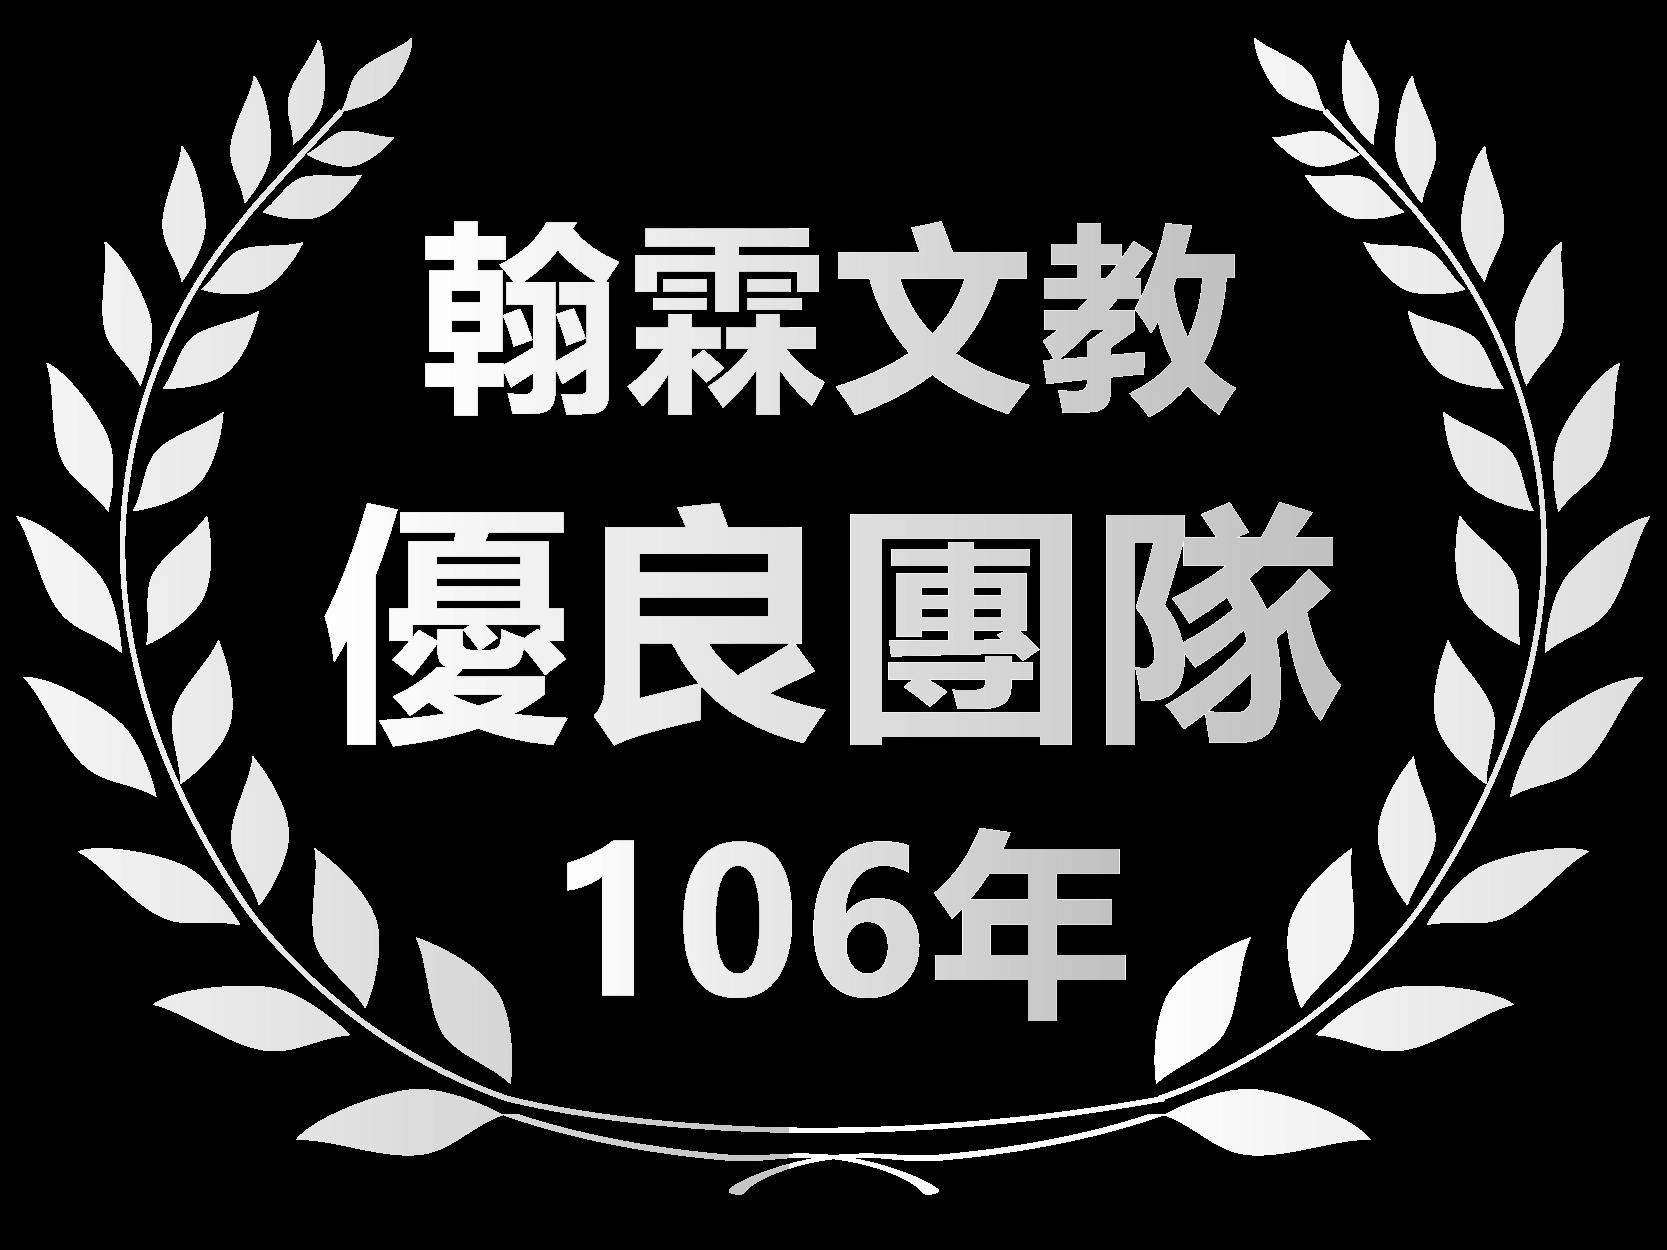 106年優良團隊獎